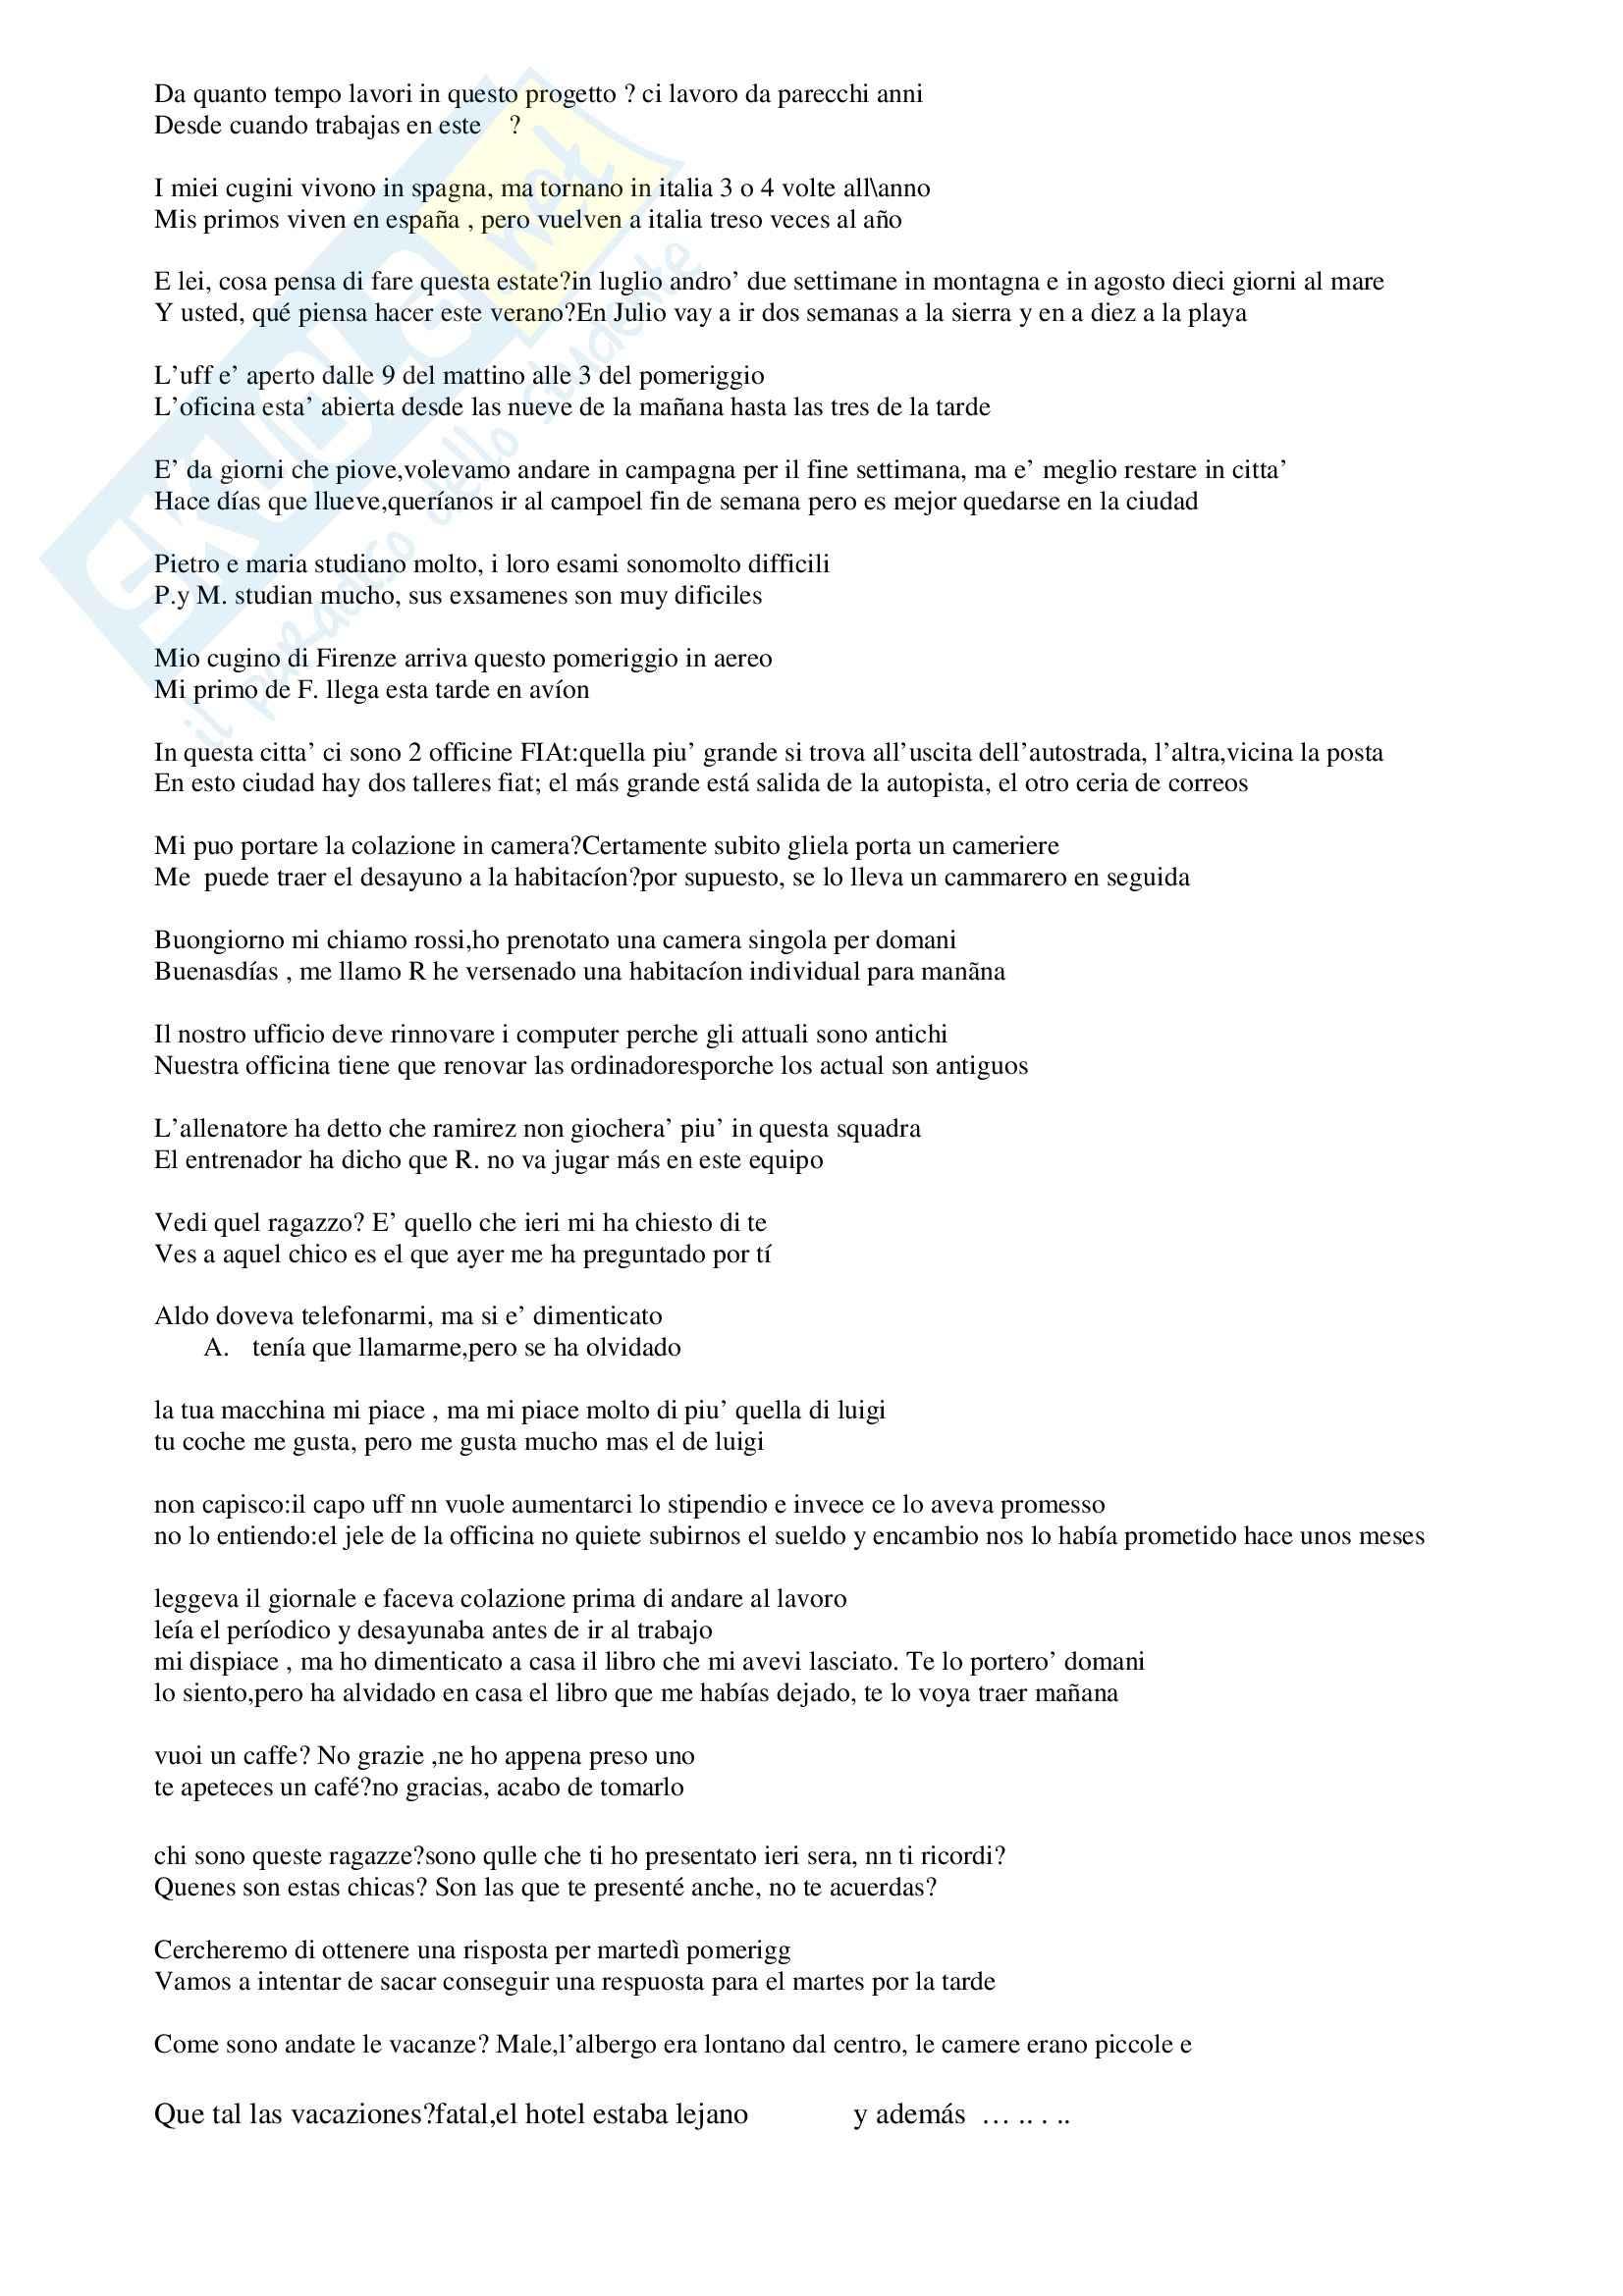 Lingua spagnola - frasi